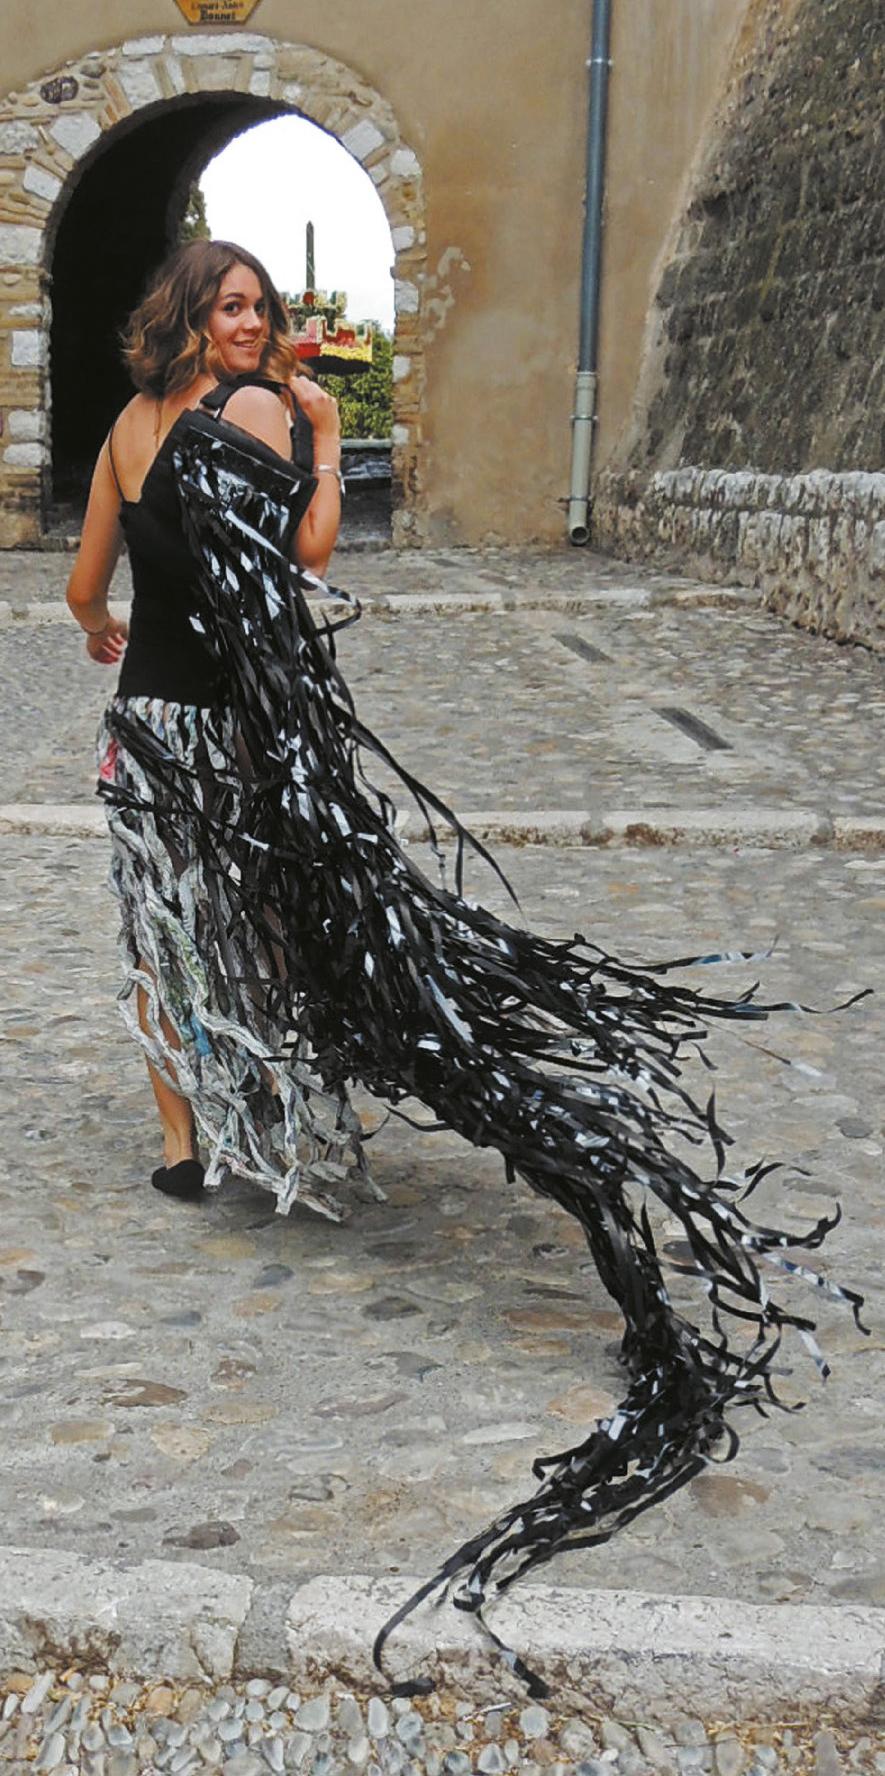 Matteoda Jacqueline (1943) Robe noire - Paper sculpture -